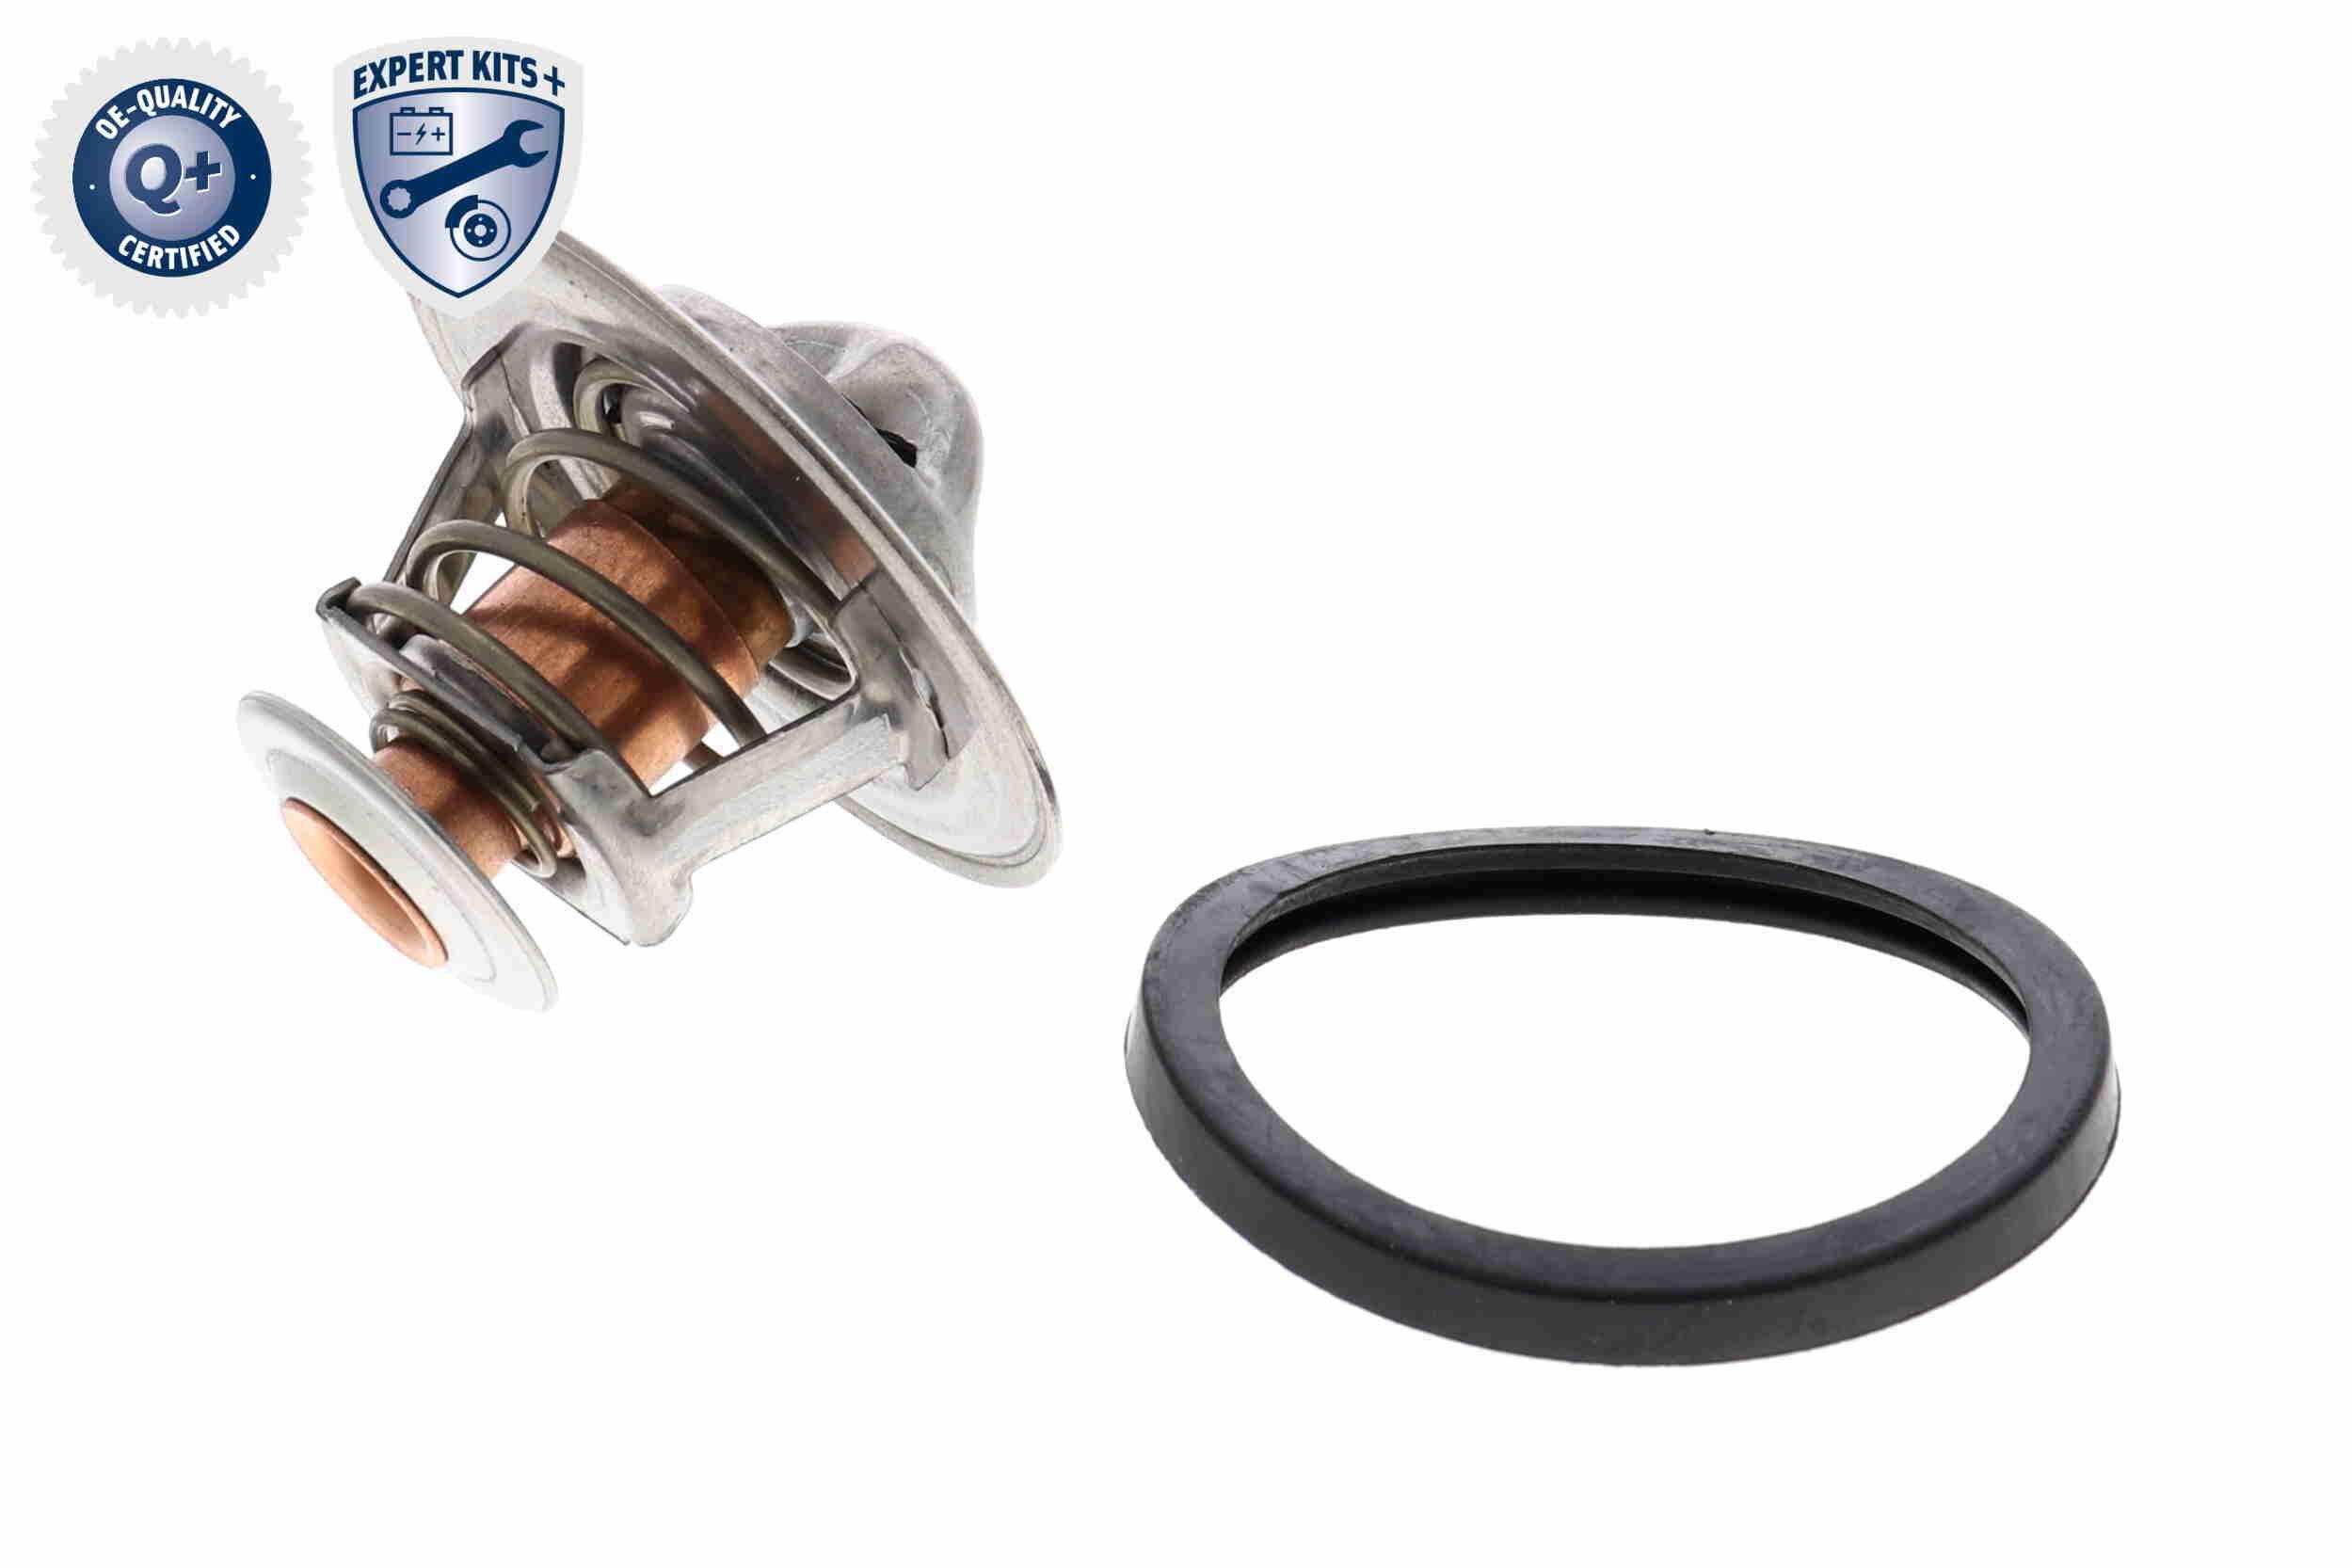 V40-99-0025 VEMO Öffnungstemperatur: 79°C, EXPERT KITS + Thermostat, Kühlmittel V40-99-0025 günstig kaufen